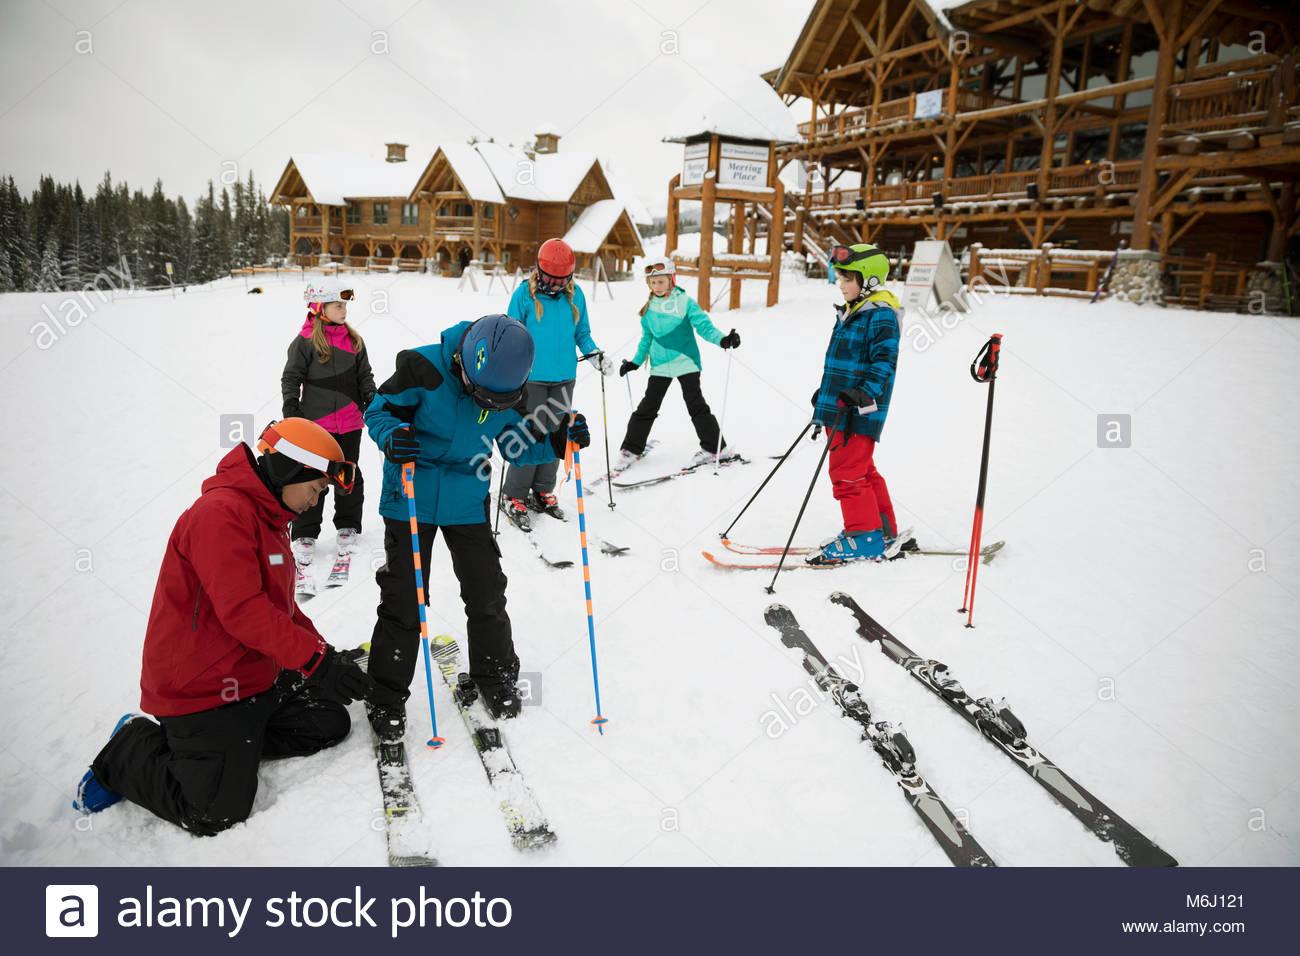 Ski instructor fastening skis on boy student at ski resort - Stock Image